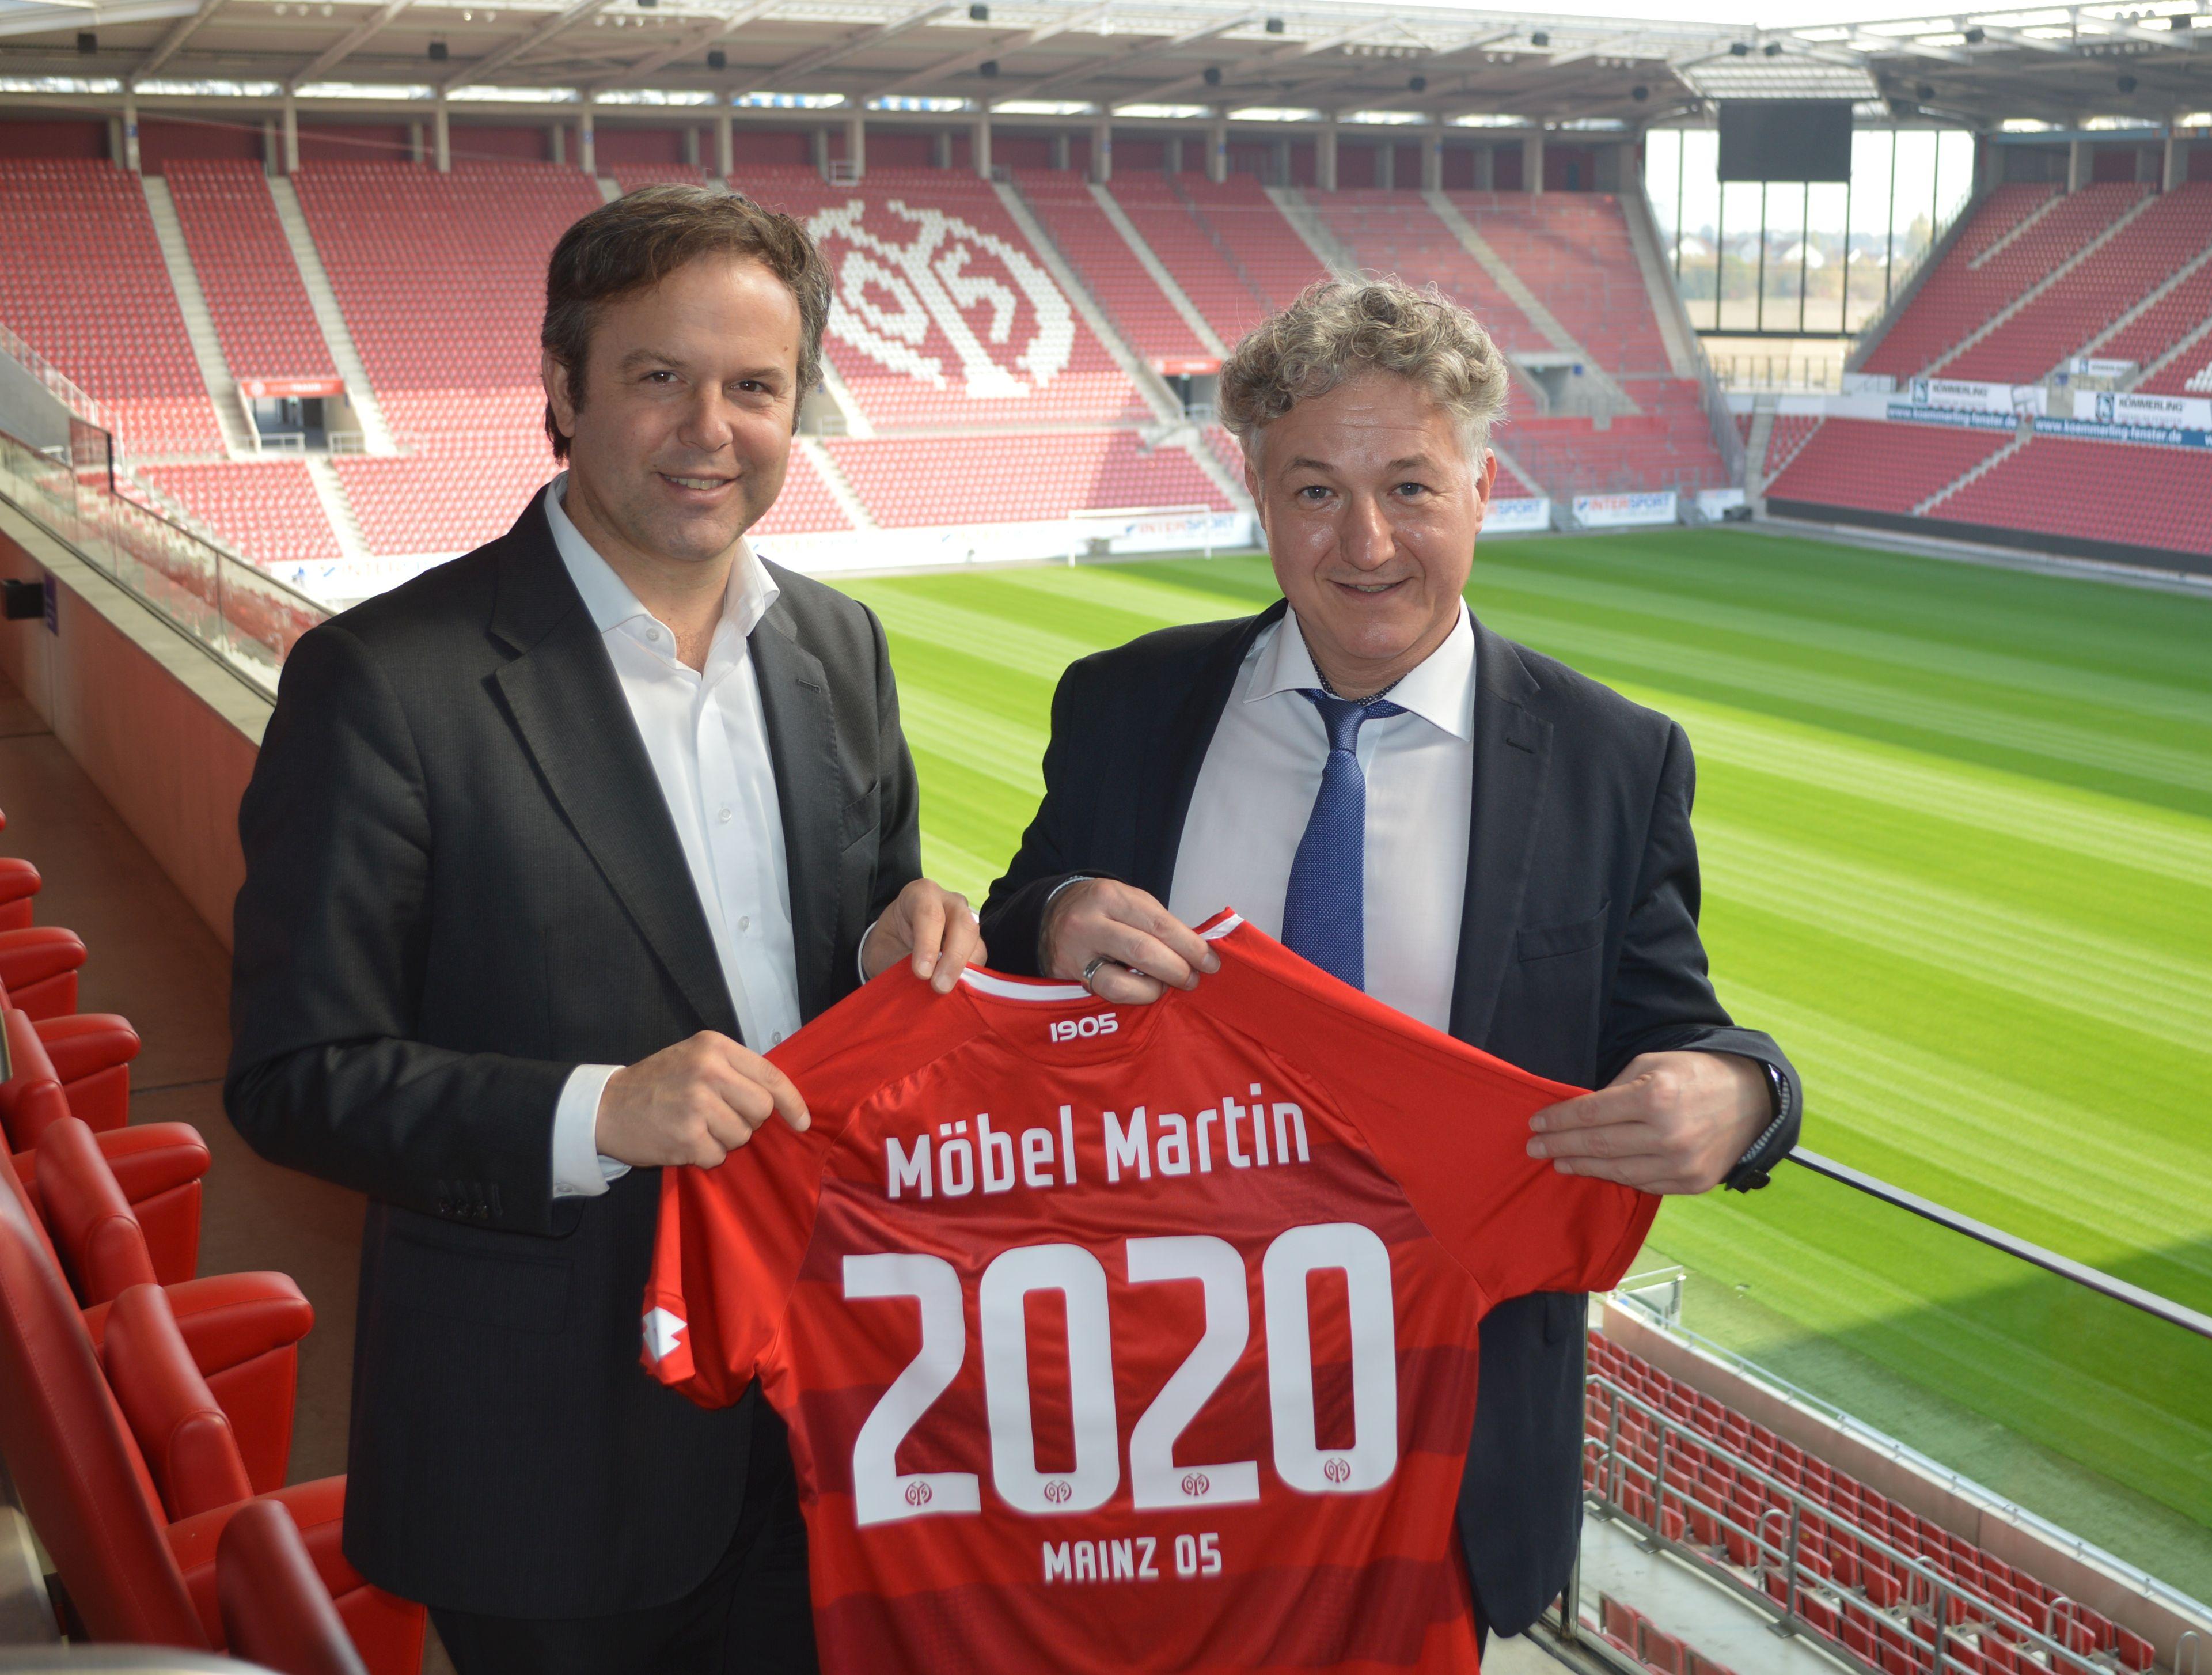 Möbel Martin Bleibt Mainz 05 Weiterhin Als Partner Treu